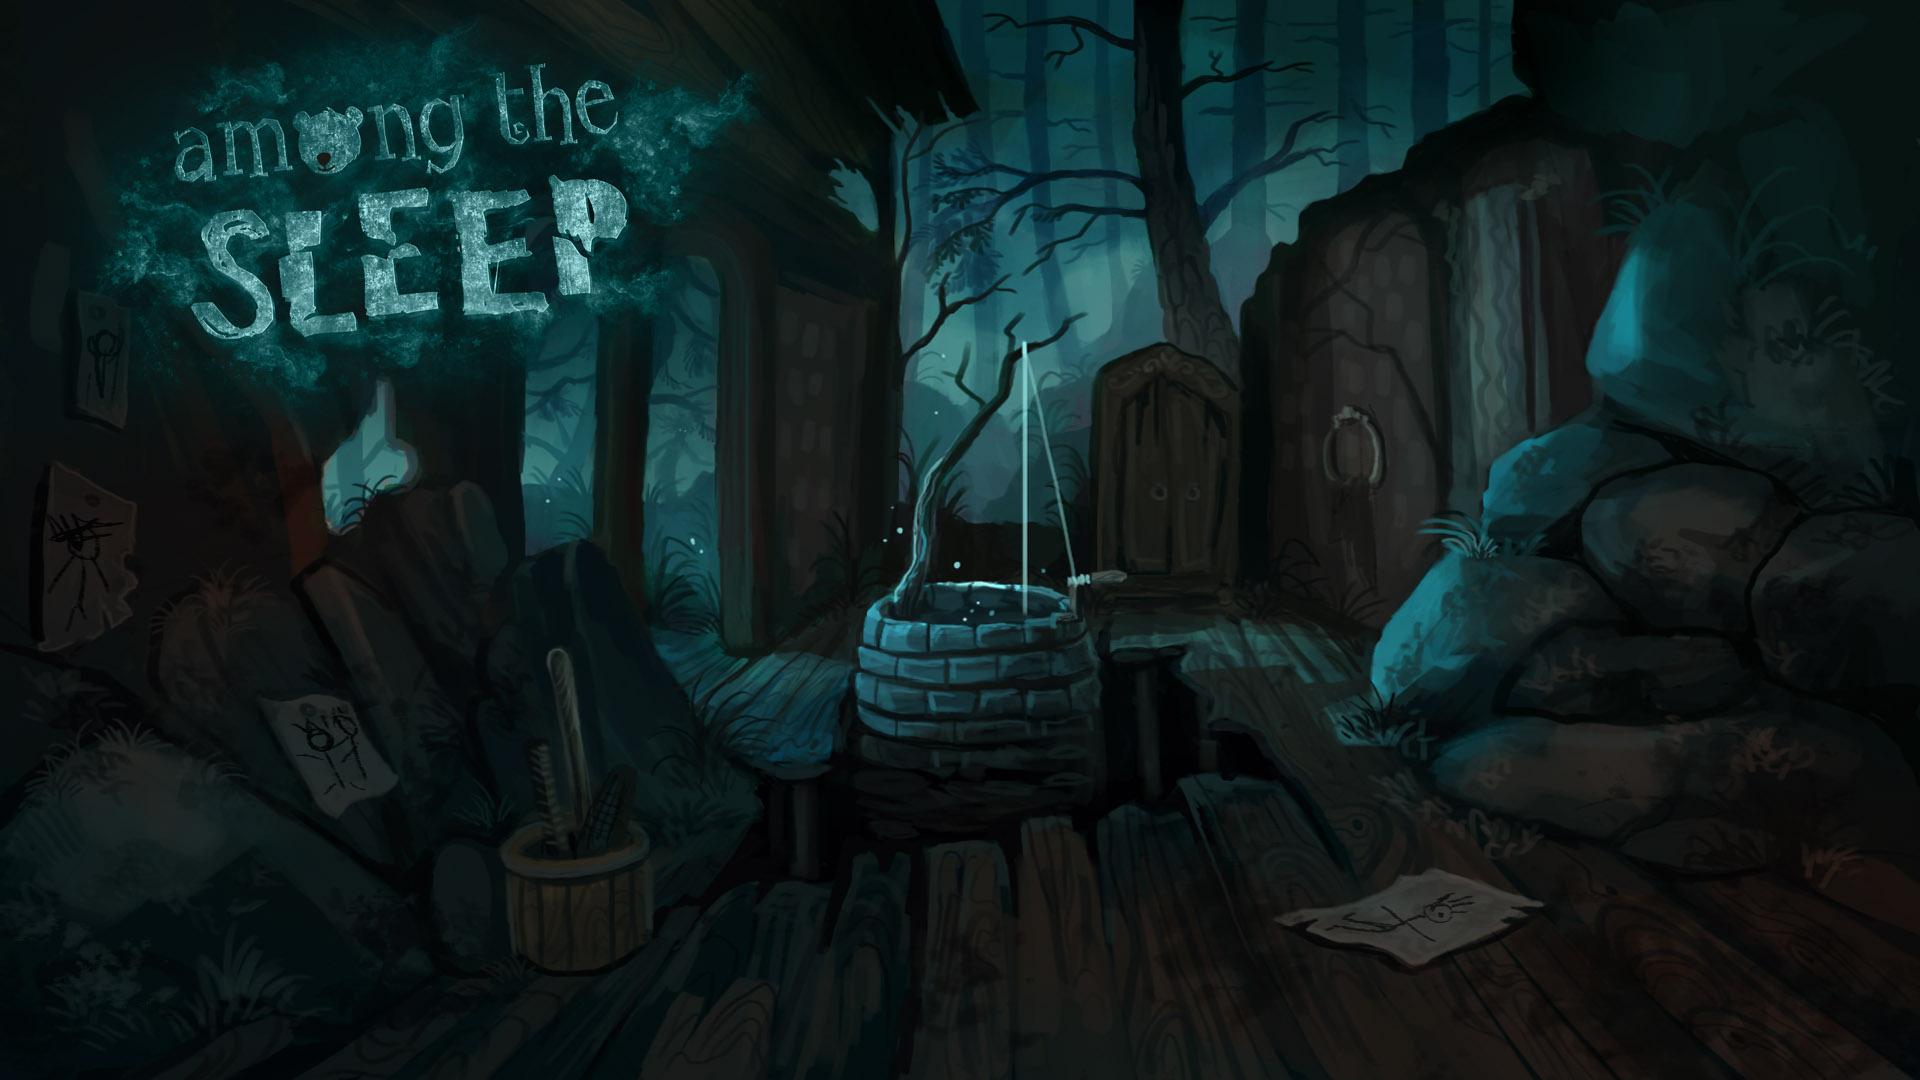 Among The Sleep Wallpapers Video Game Hq Among The Sleep Pictures 4k Wallpapers 2019